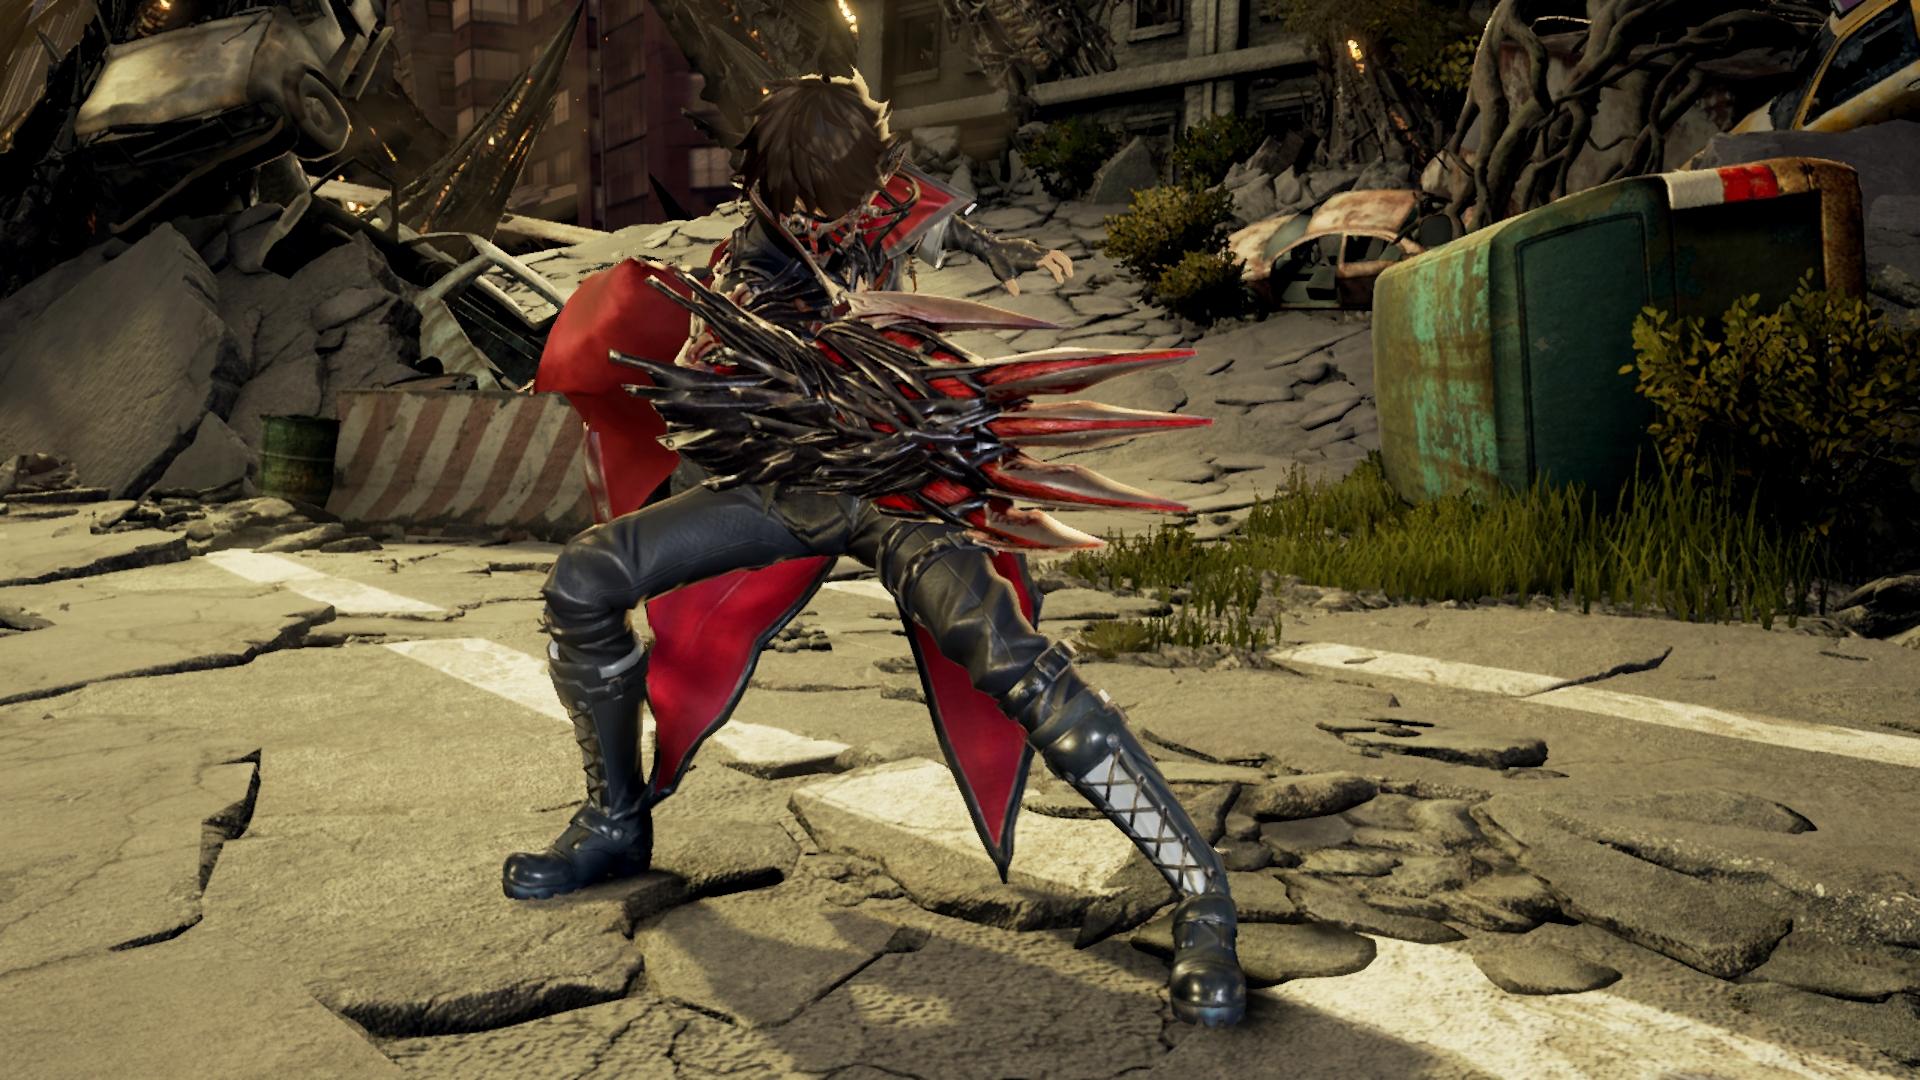 تصاویر جدیدی از بازی Code Vein منتشر شد